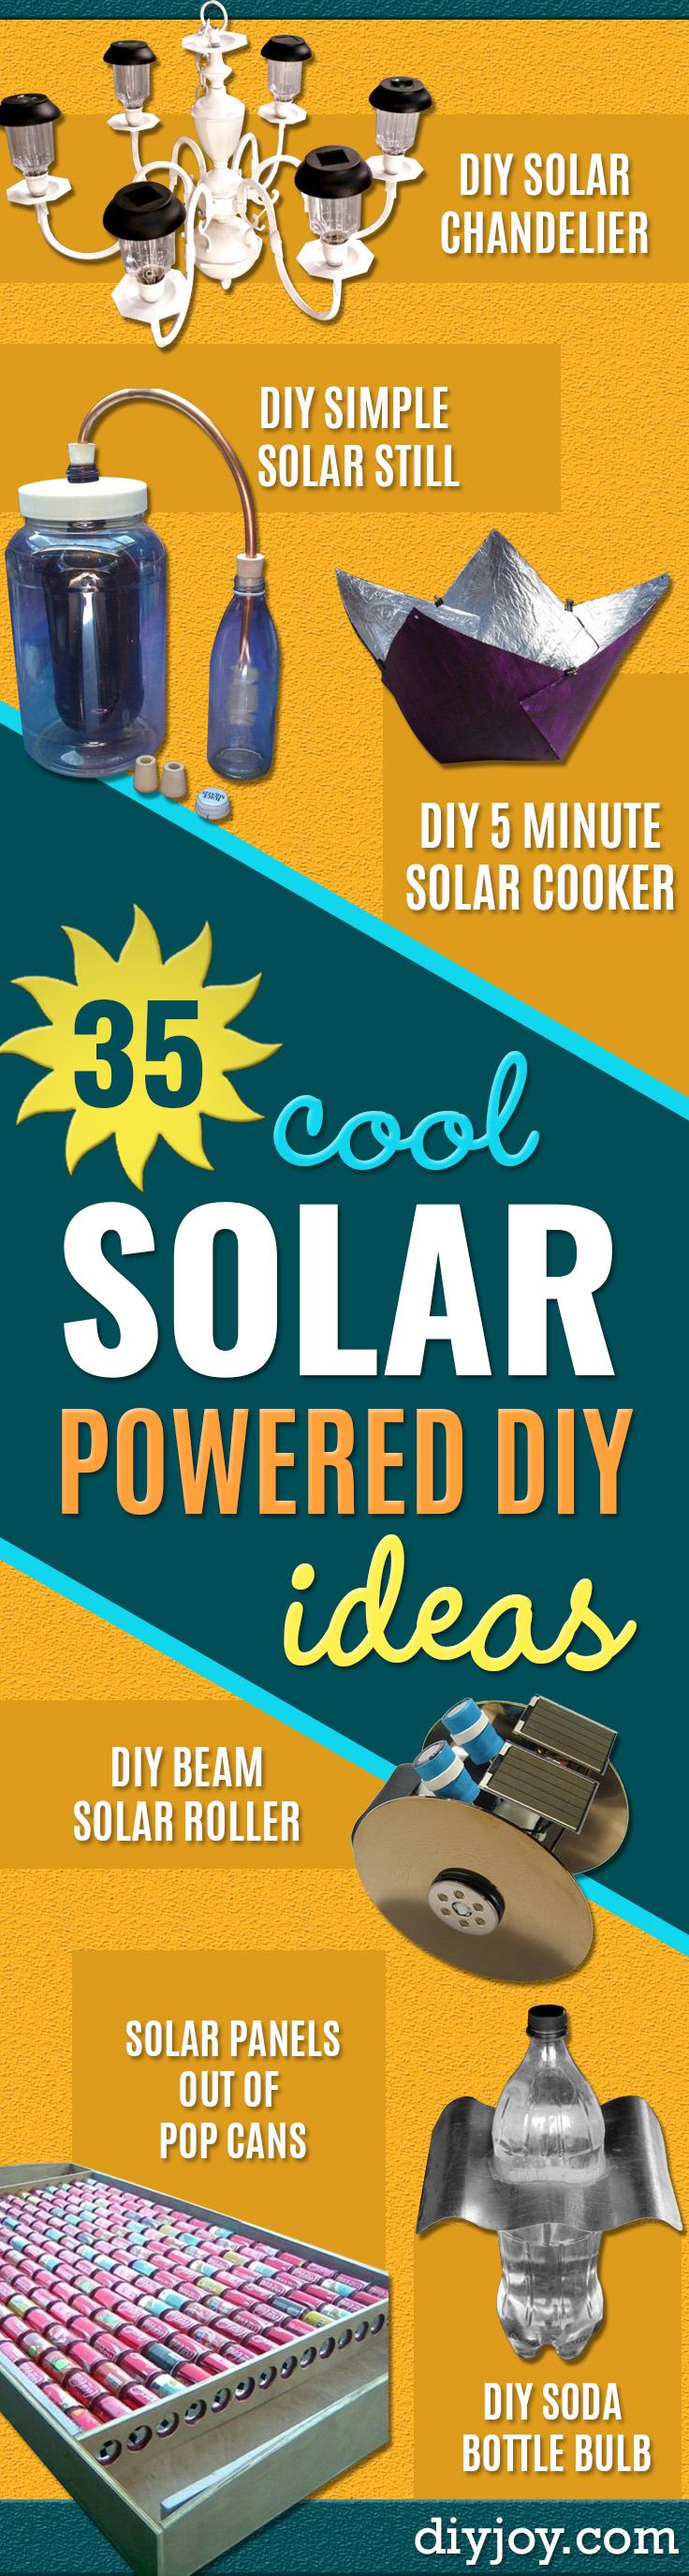 35 Solar Powered DIY Project Ideas